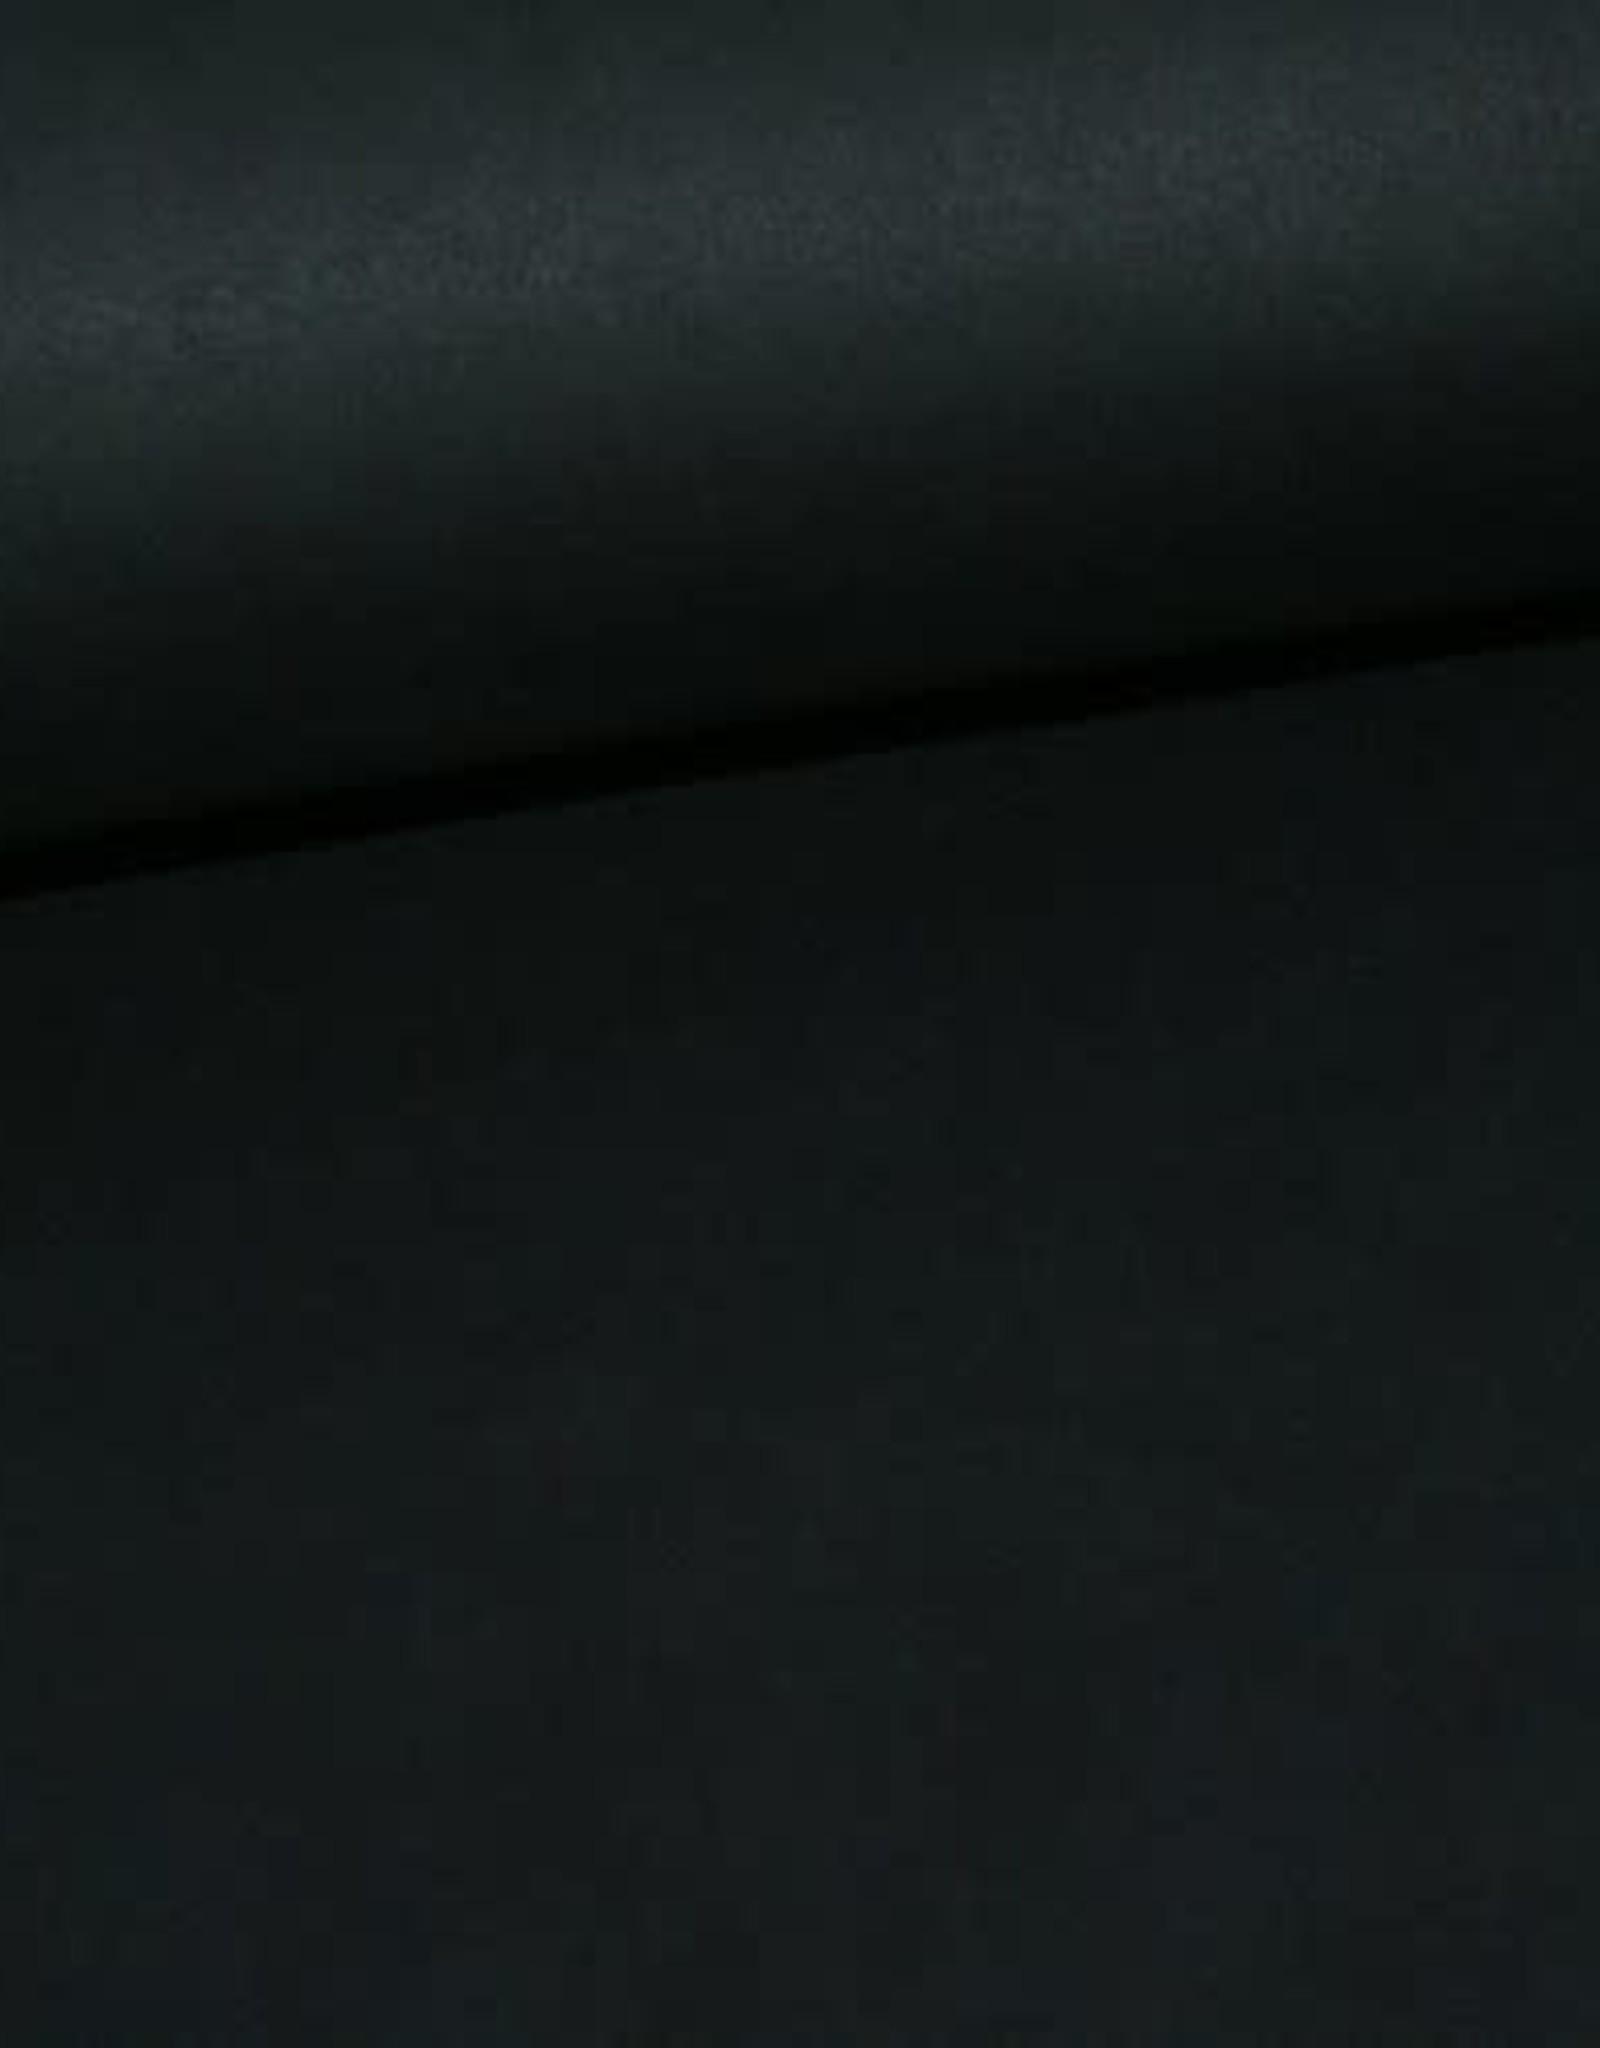 Stik-Stof Vicenza grijs/zwart COUPON 70 cm